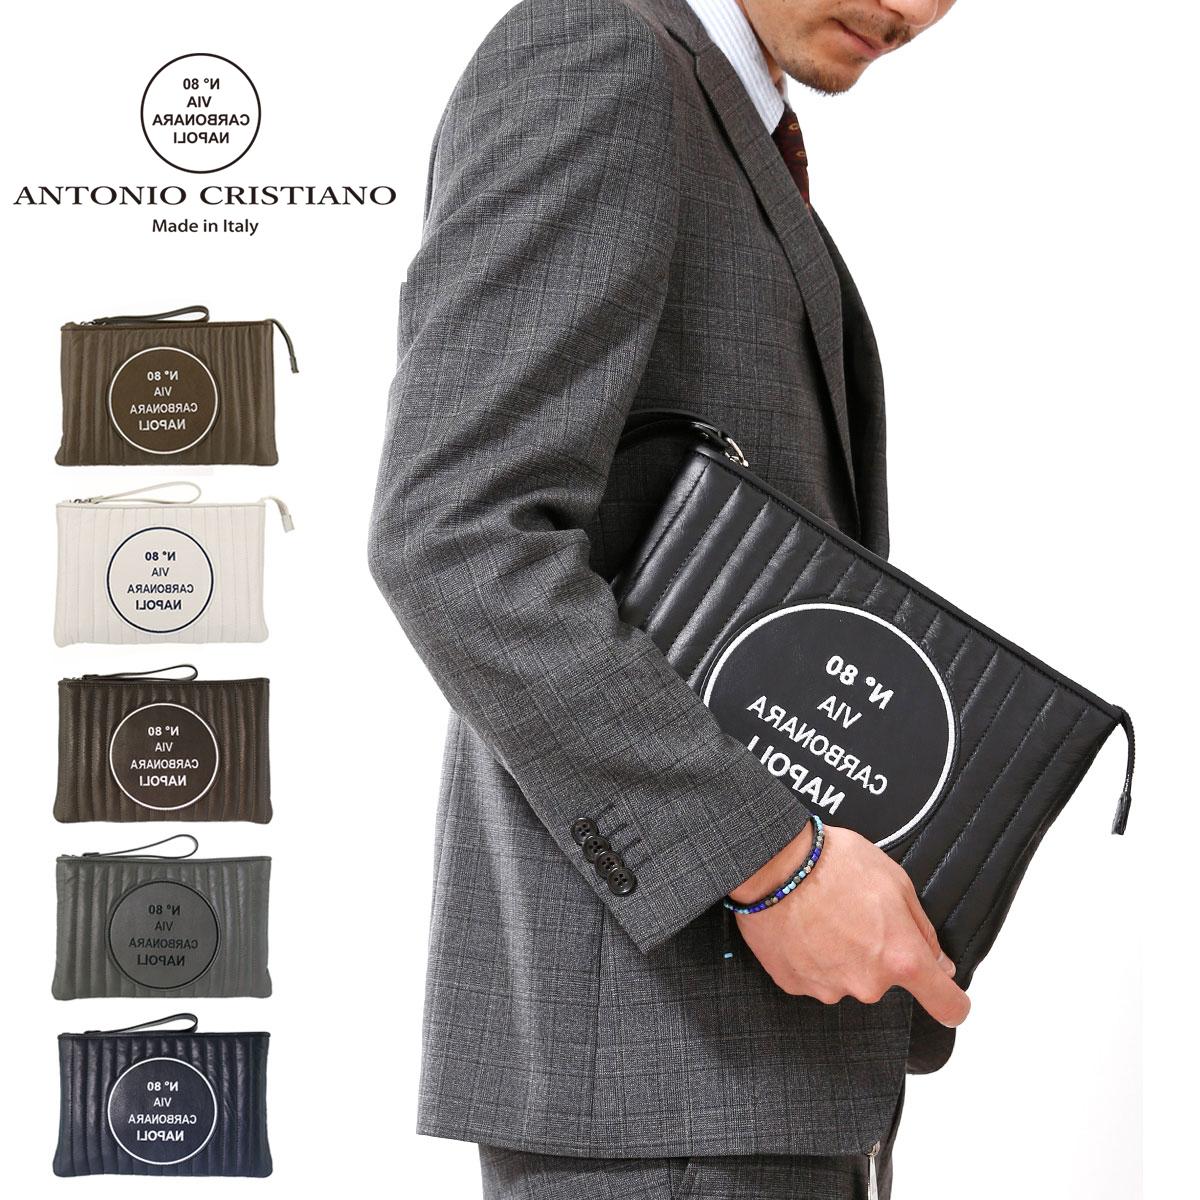 アントニオ クリスティアーノ スマートクラッチ クラッチバッグ メンズ AC150140 ANTONIO CRISTIANO 本革 レザー イタリア製 キルティング ブランド専用保存袋付き[PO5][bef][即日発送]